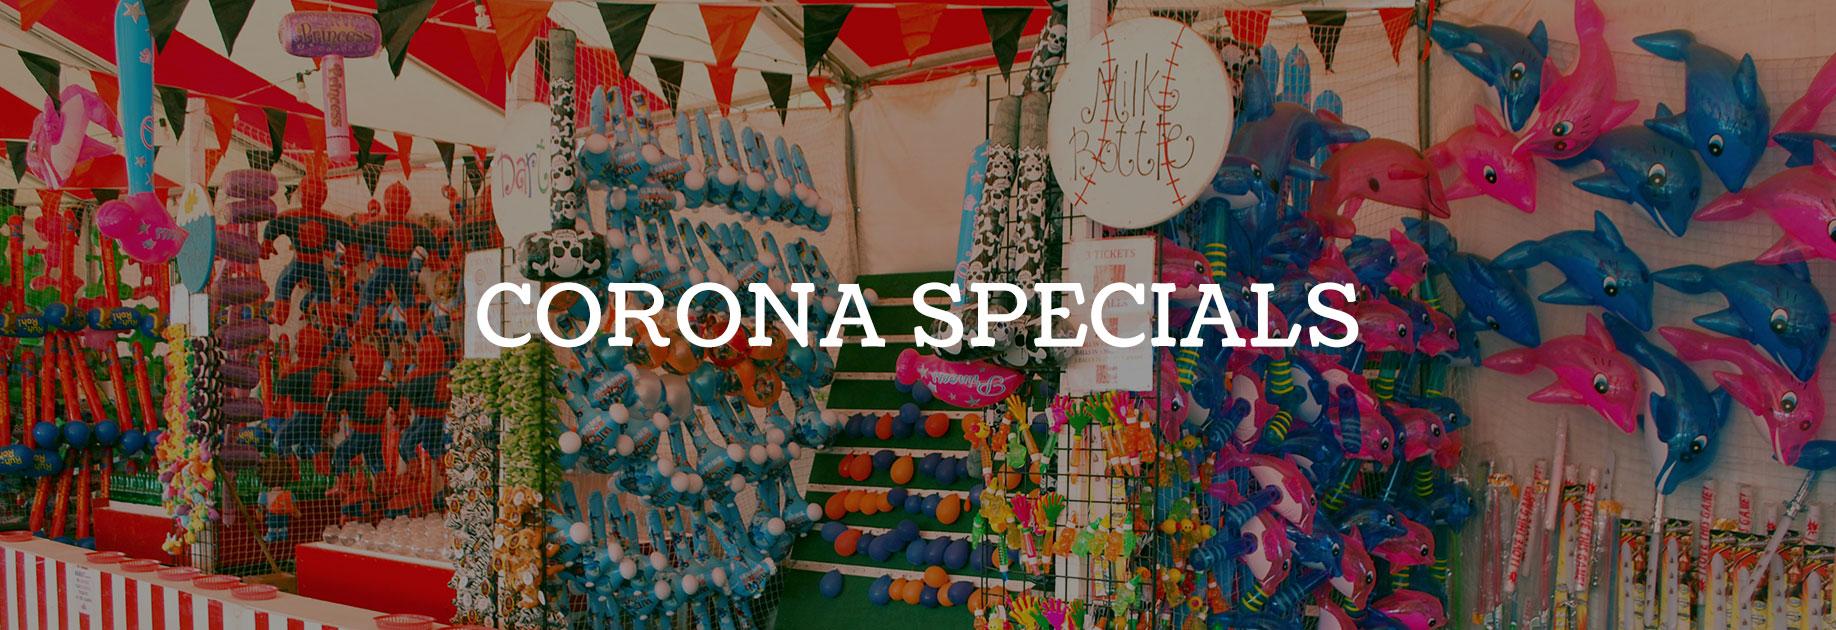 Corona_Specials_Hero